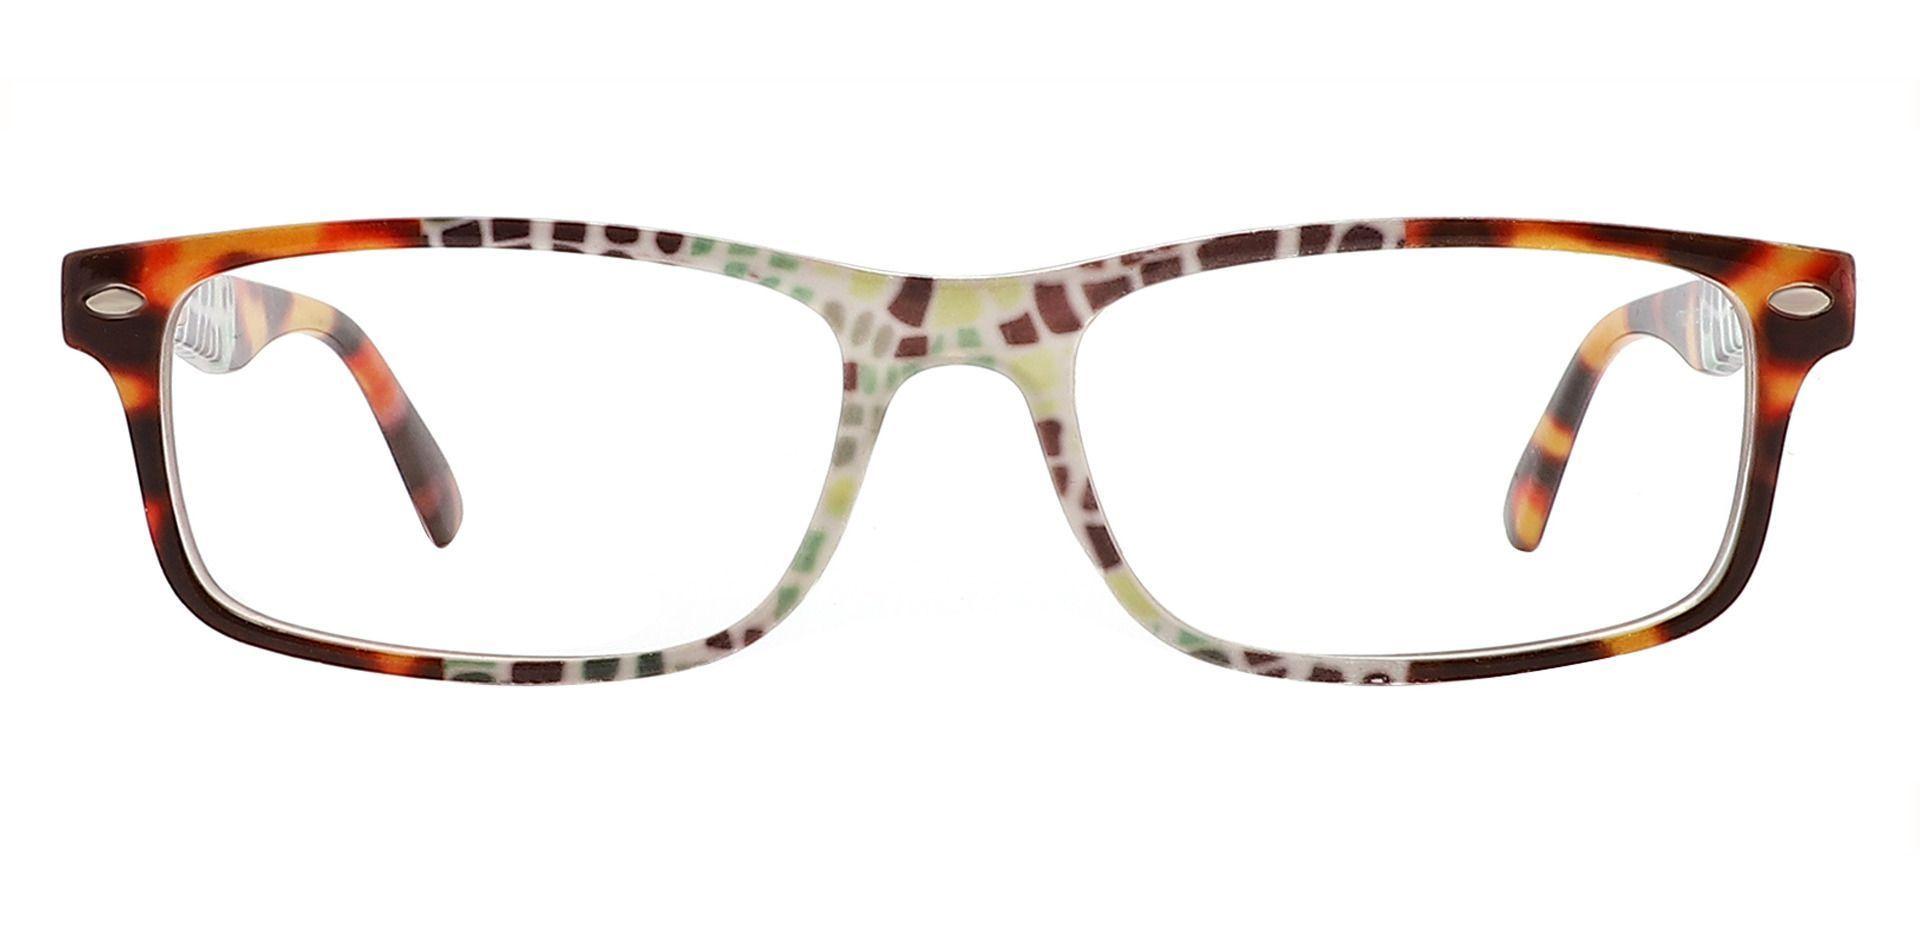 Elfrida Rectangle Lined Bifocal Glasses - Floral